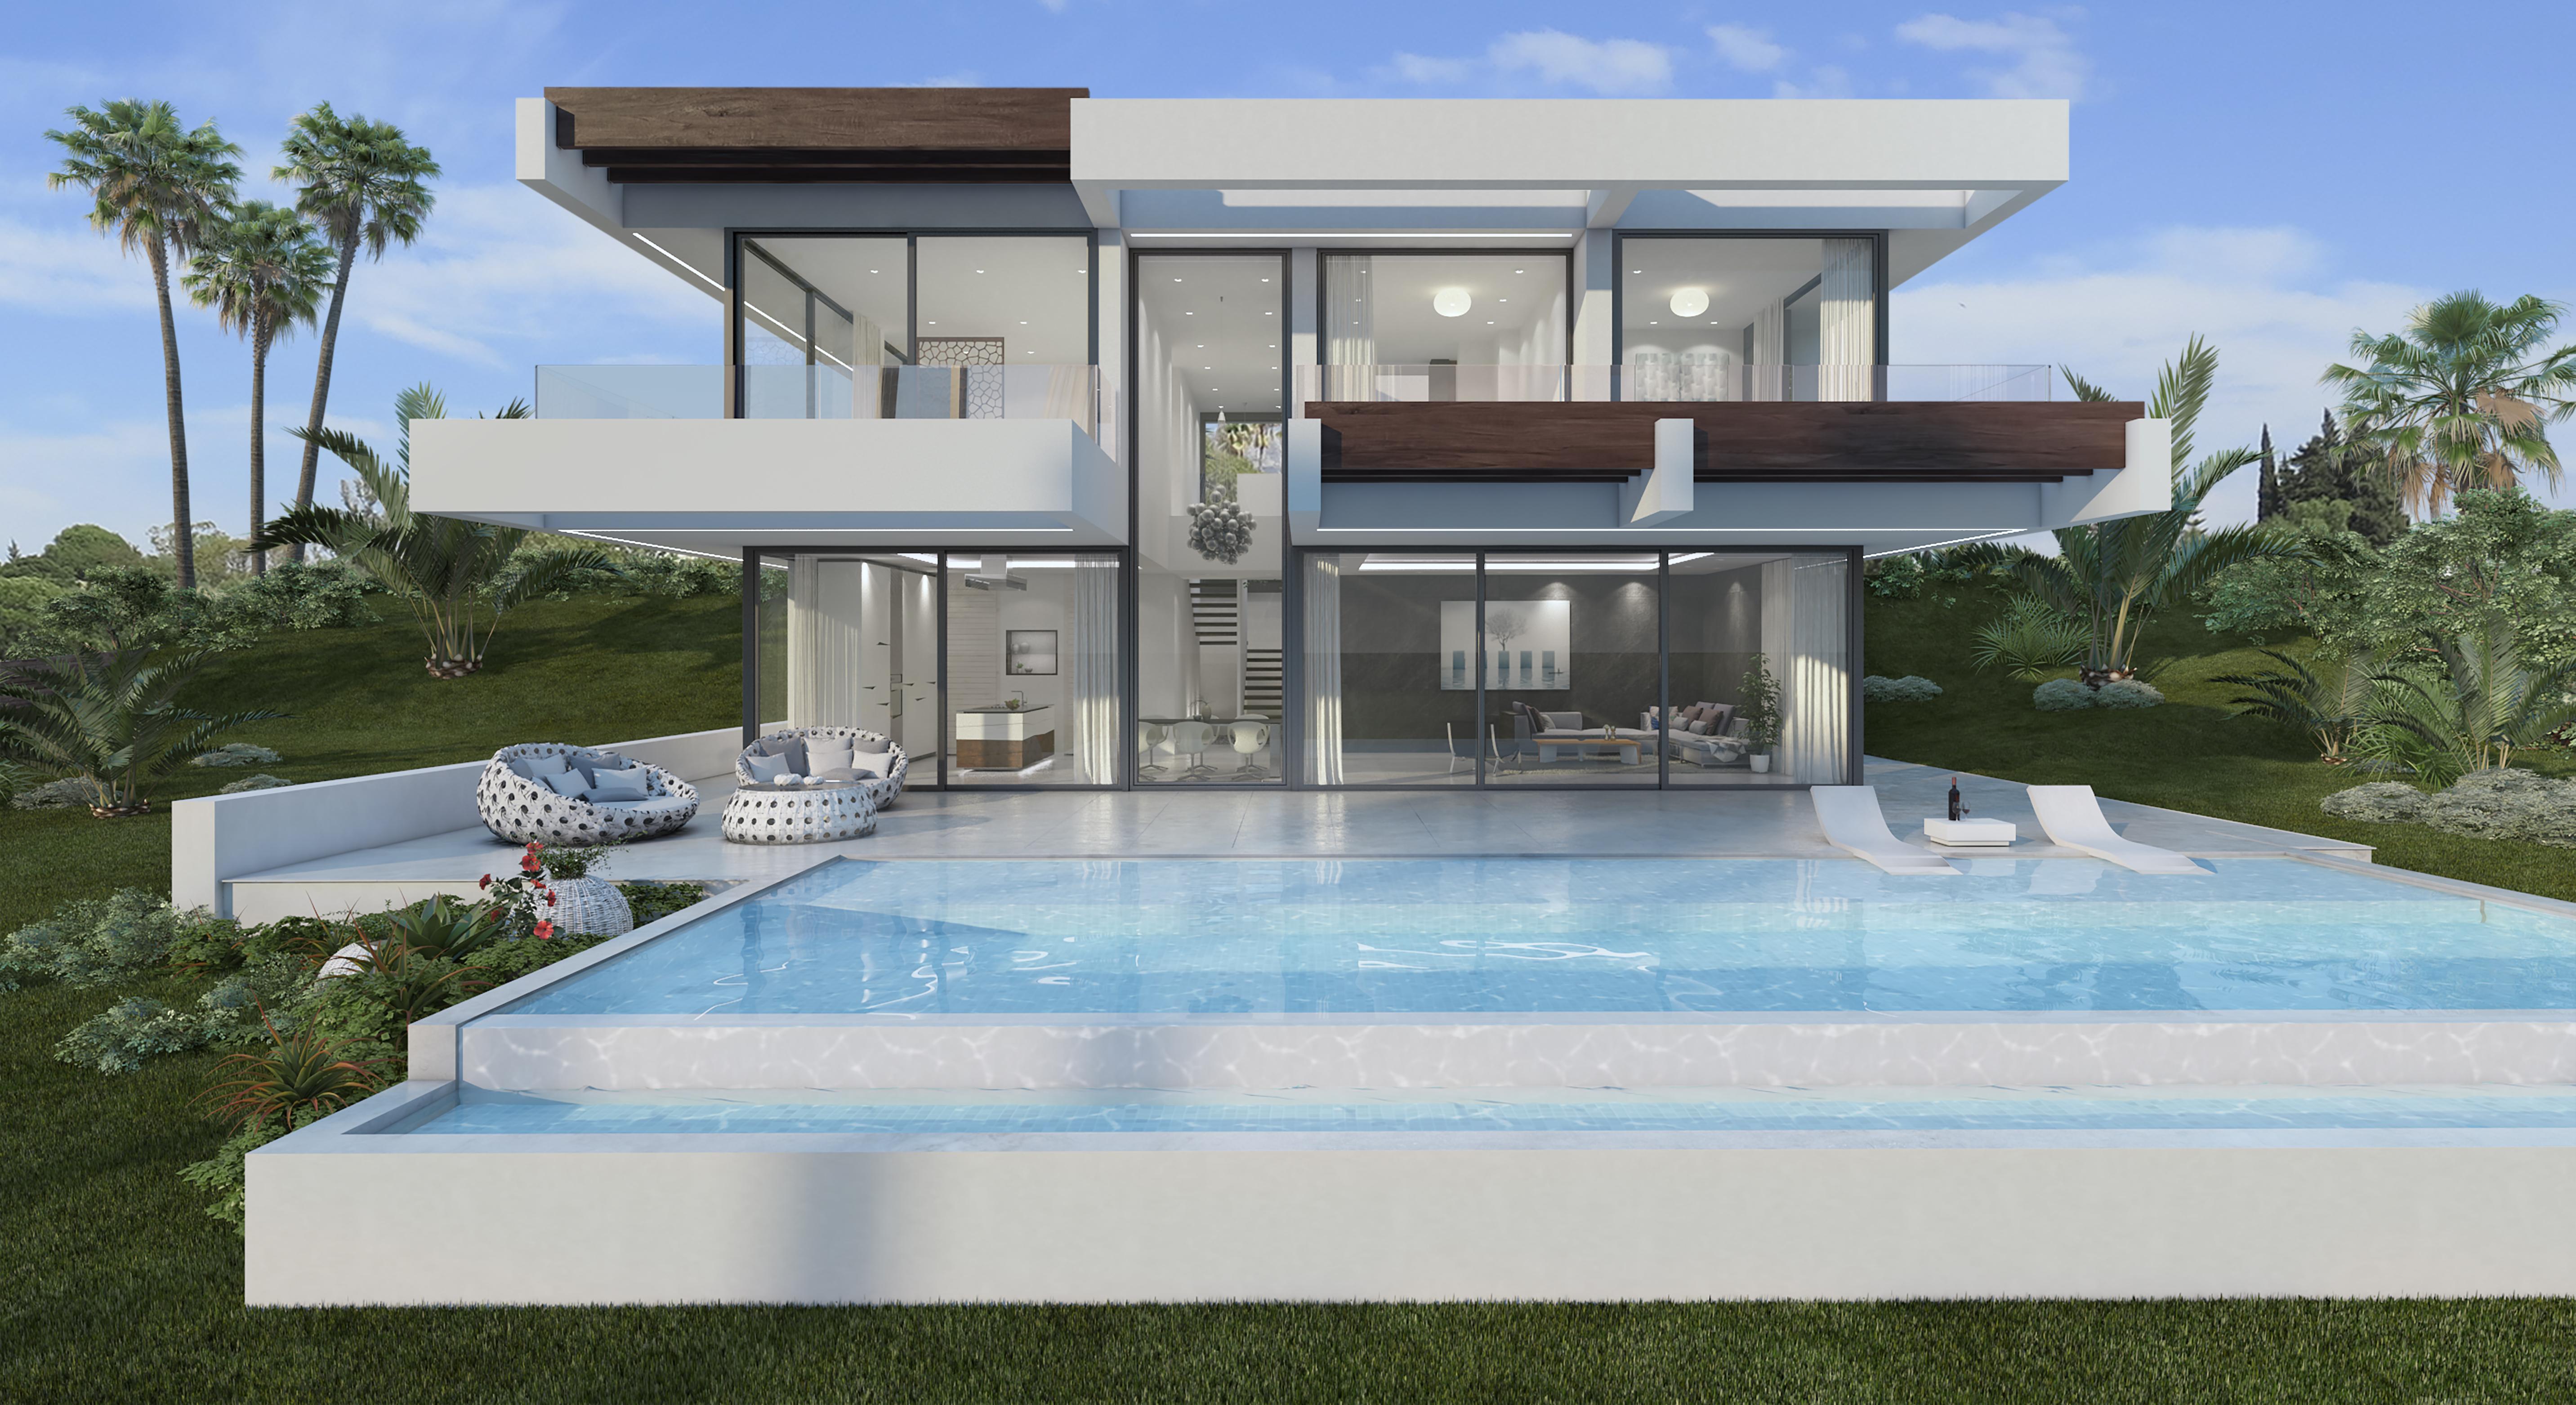 Preciosa villa de estilo contemporáneo en Estepona